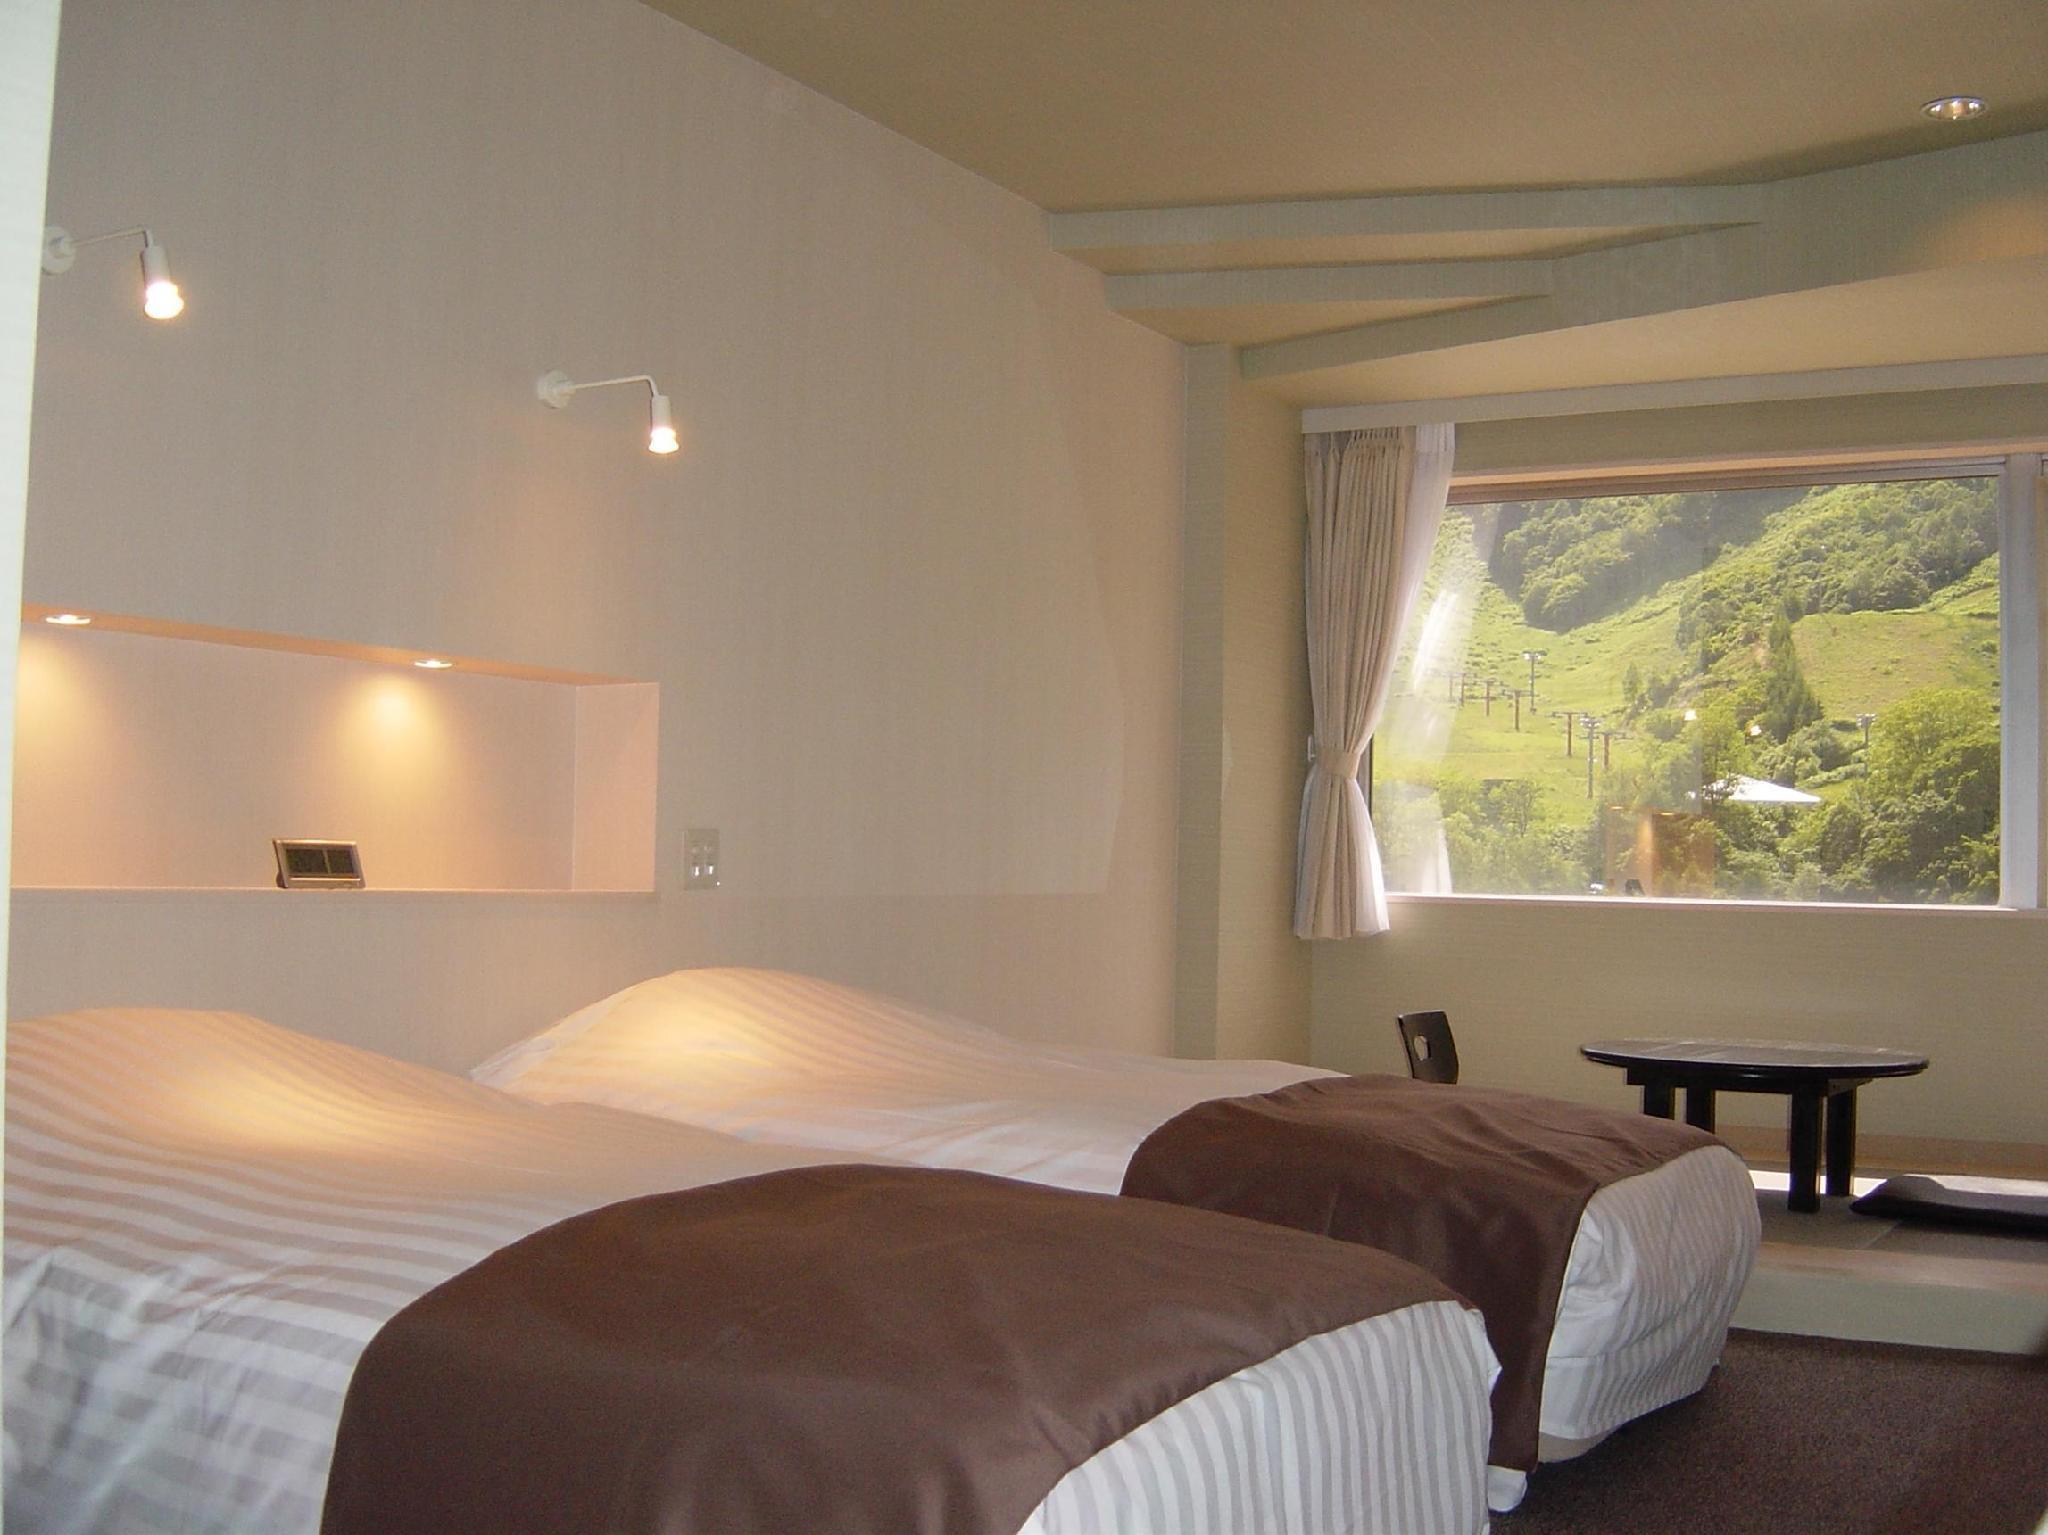 Hotel Nord Otaru Best Price On Otaru Asari Classe Hotel In Otaru Reviews